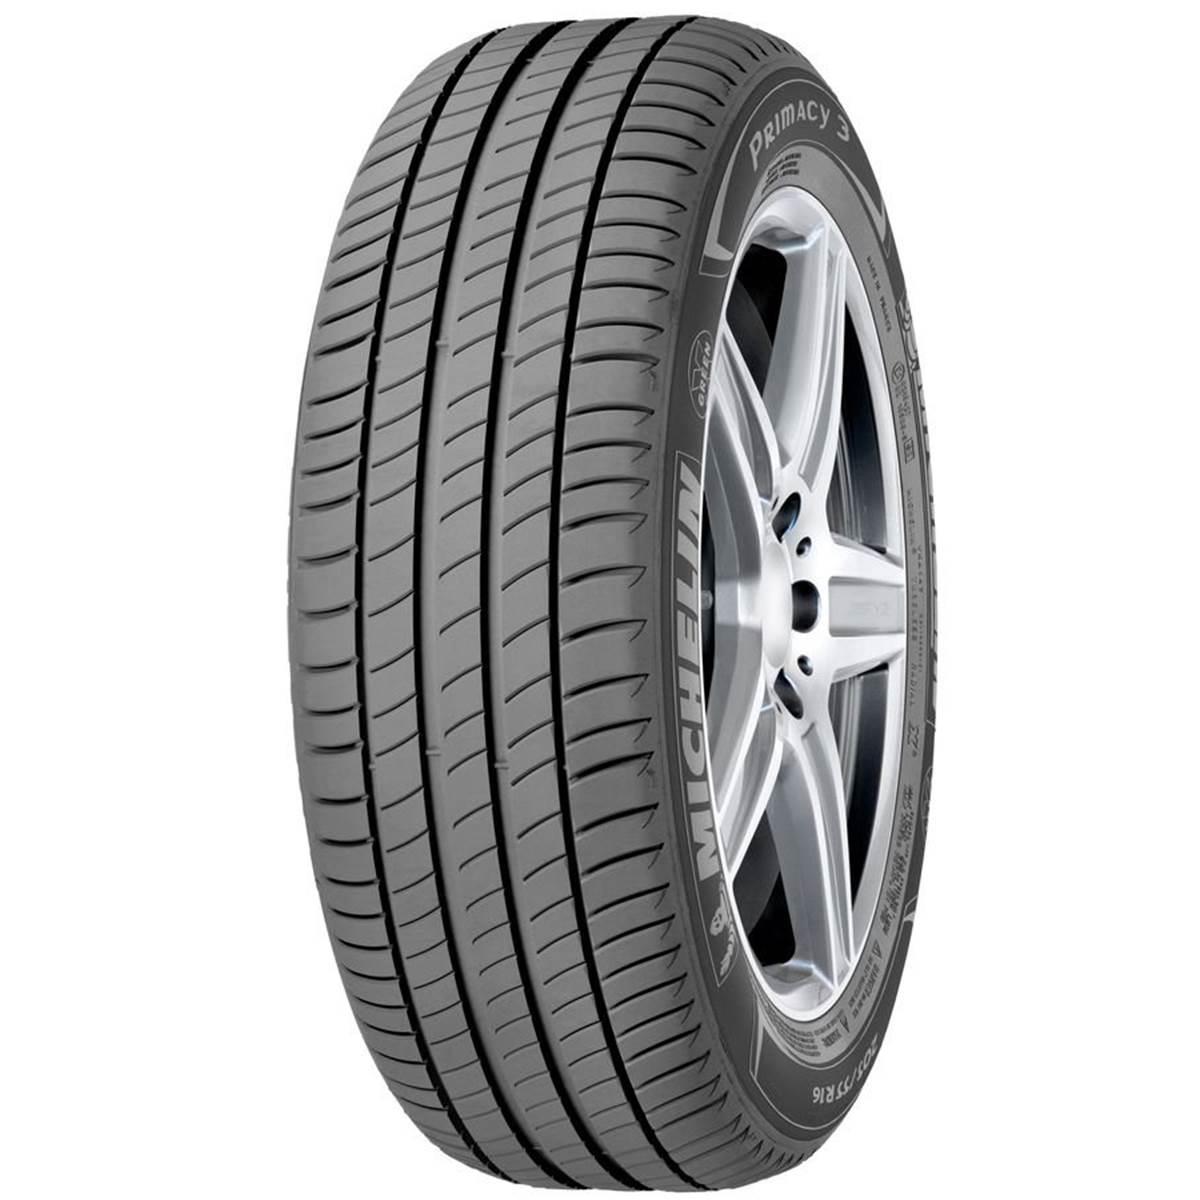 Pneu Michelin 225/50R17 98W Primacy 3 XL